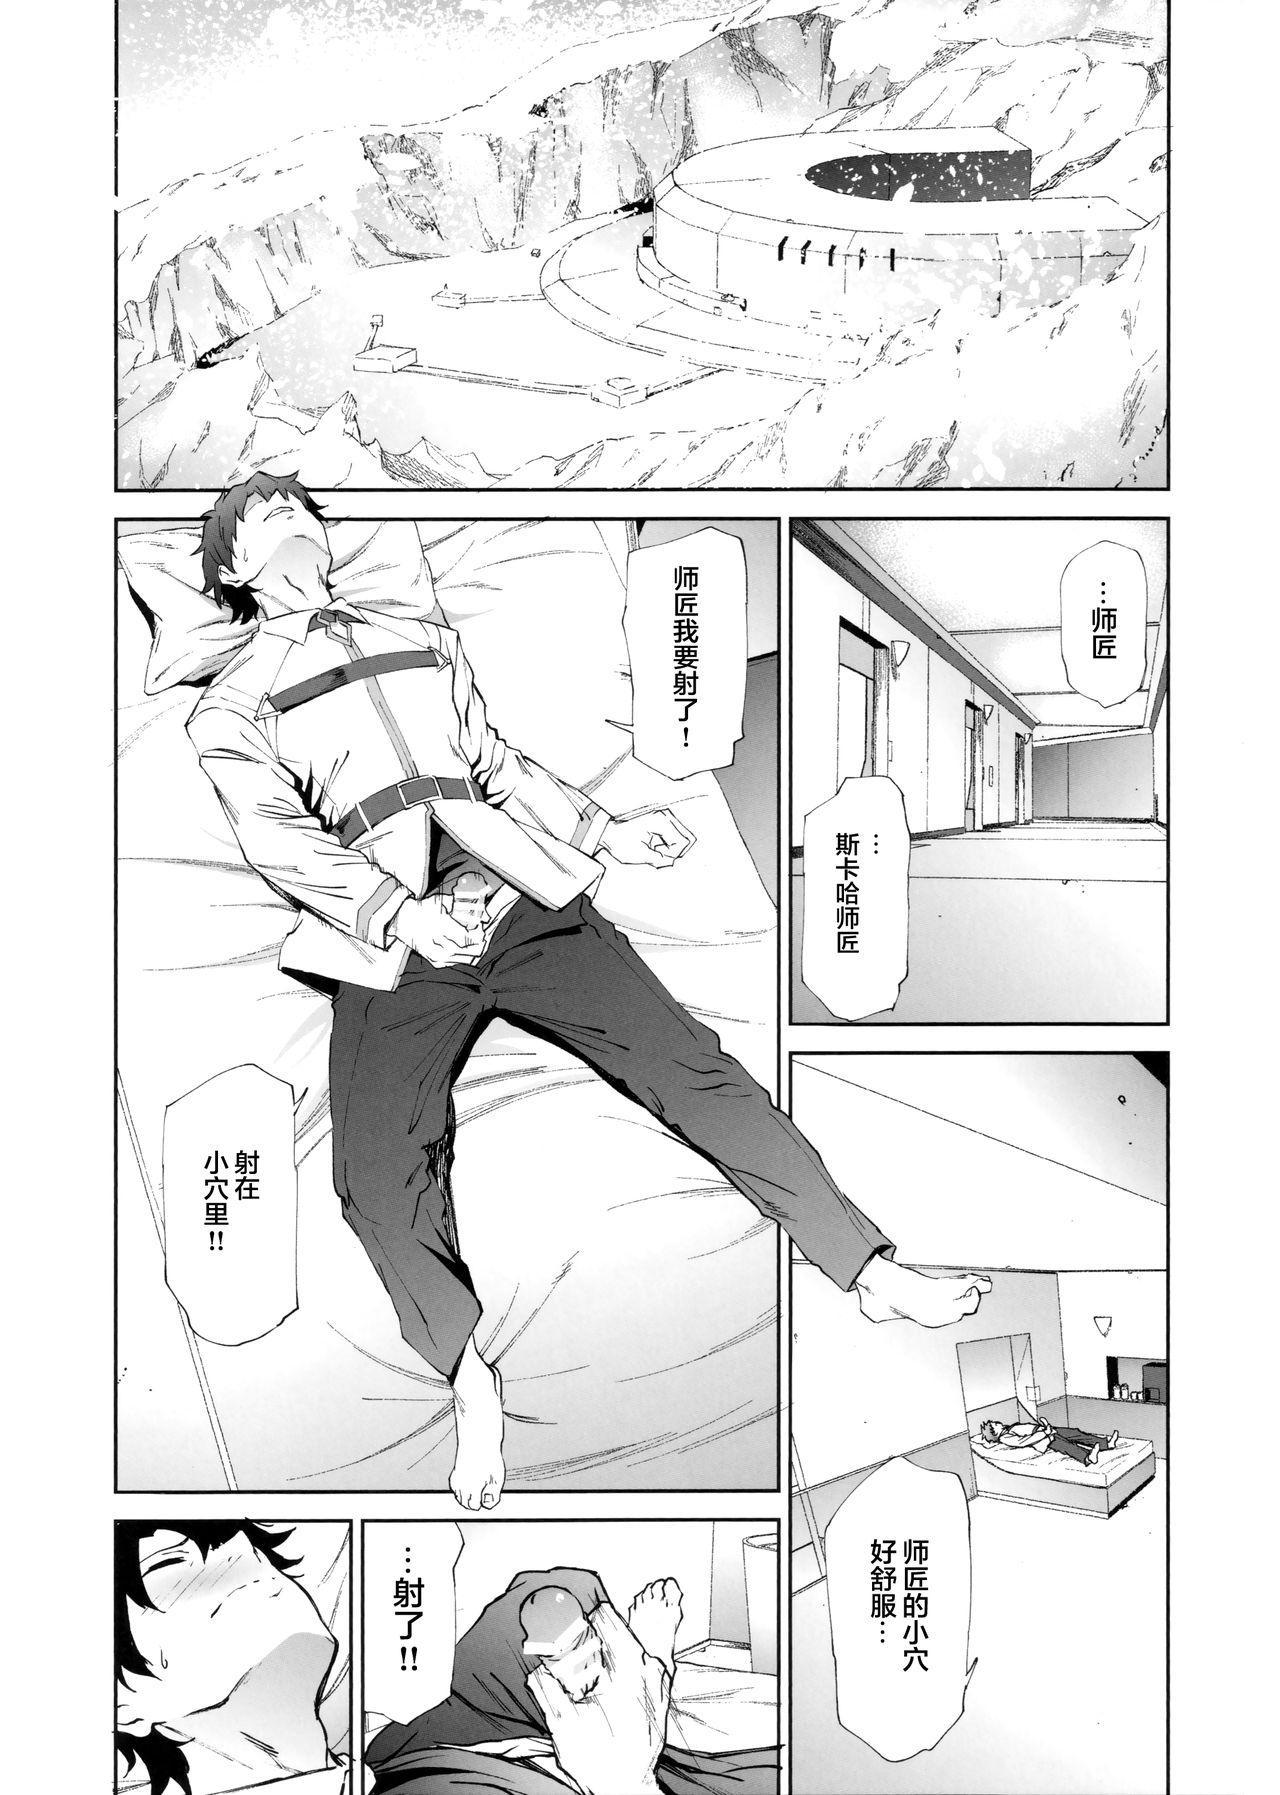 Scathach-shishou ni Okasareru Hon 1